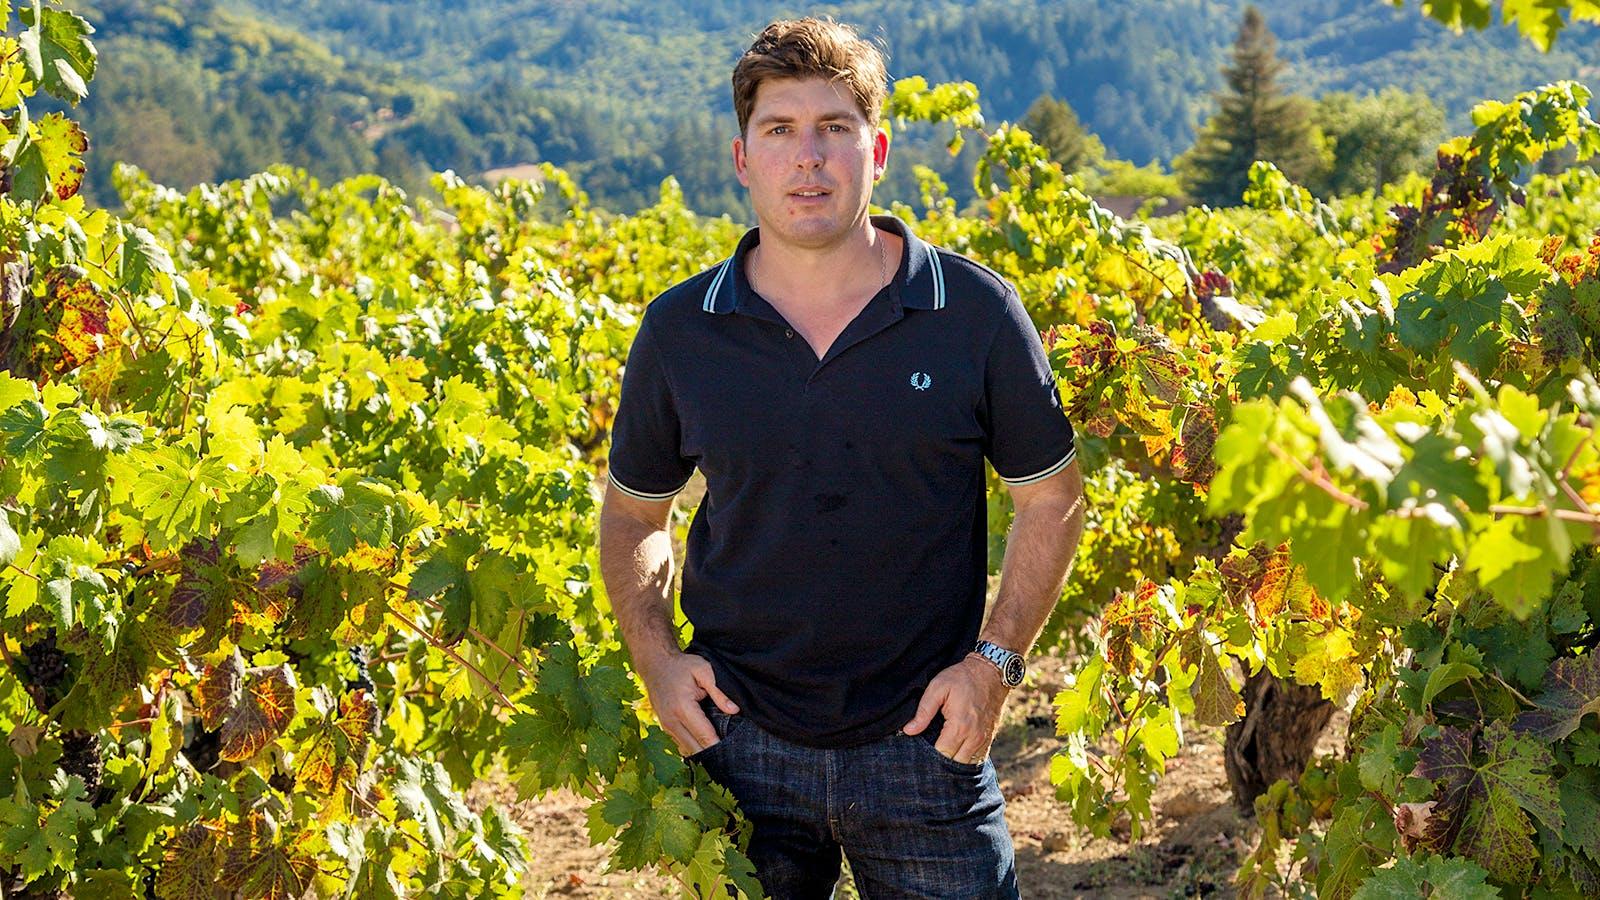 Exclusive: E. & J. Gallo Purchases Wine Brand Orin Swift Cellars